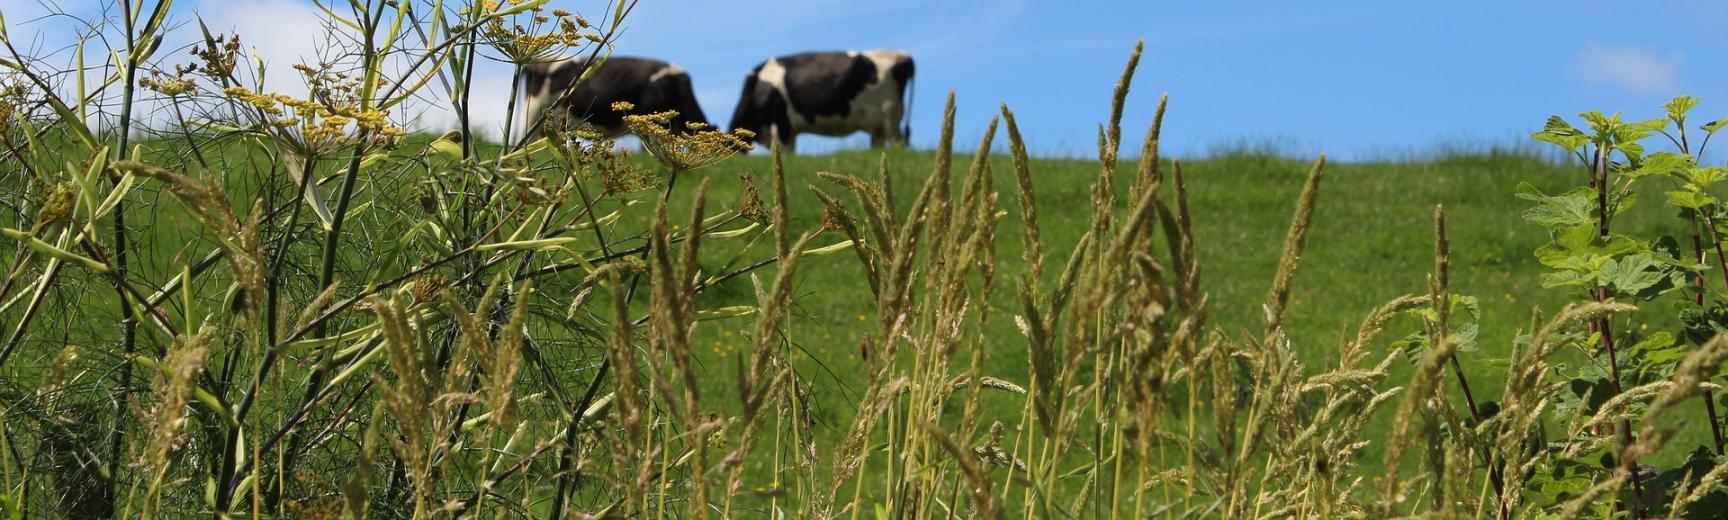 meadow 2503453